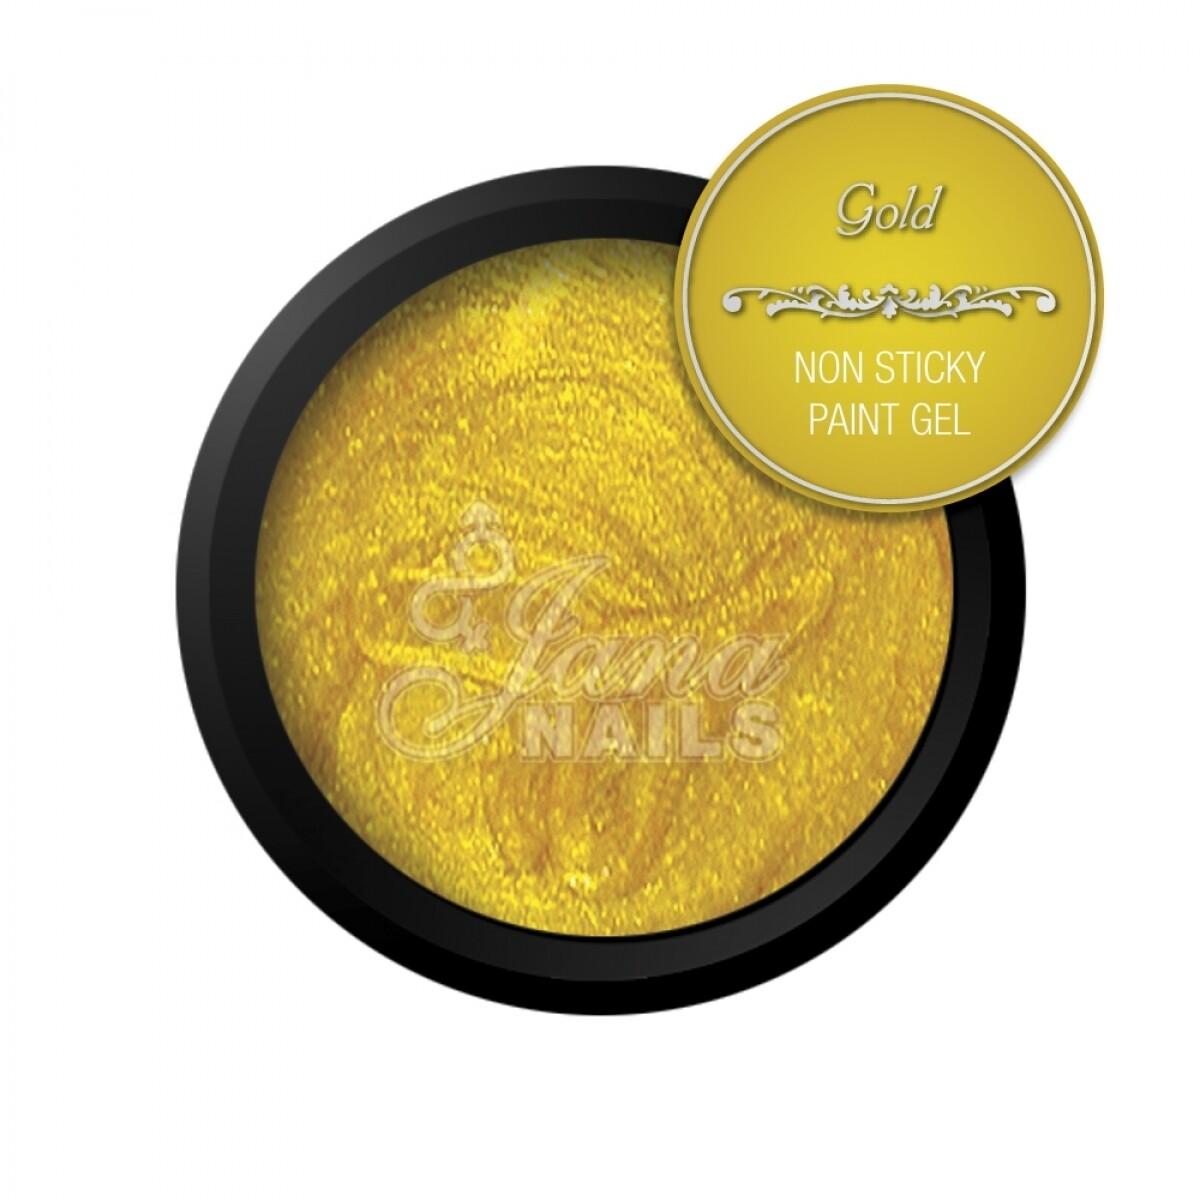 gold no sticky